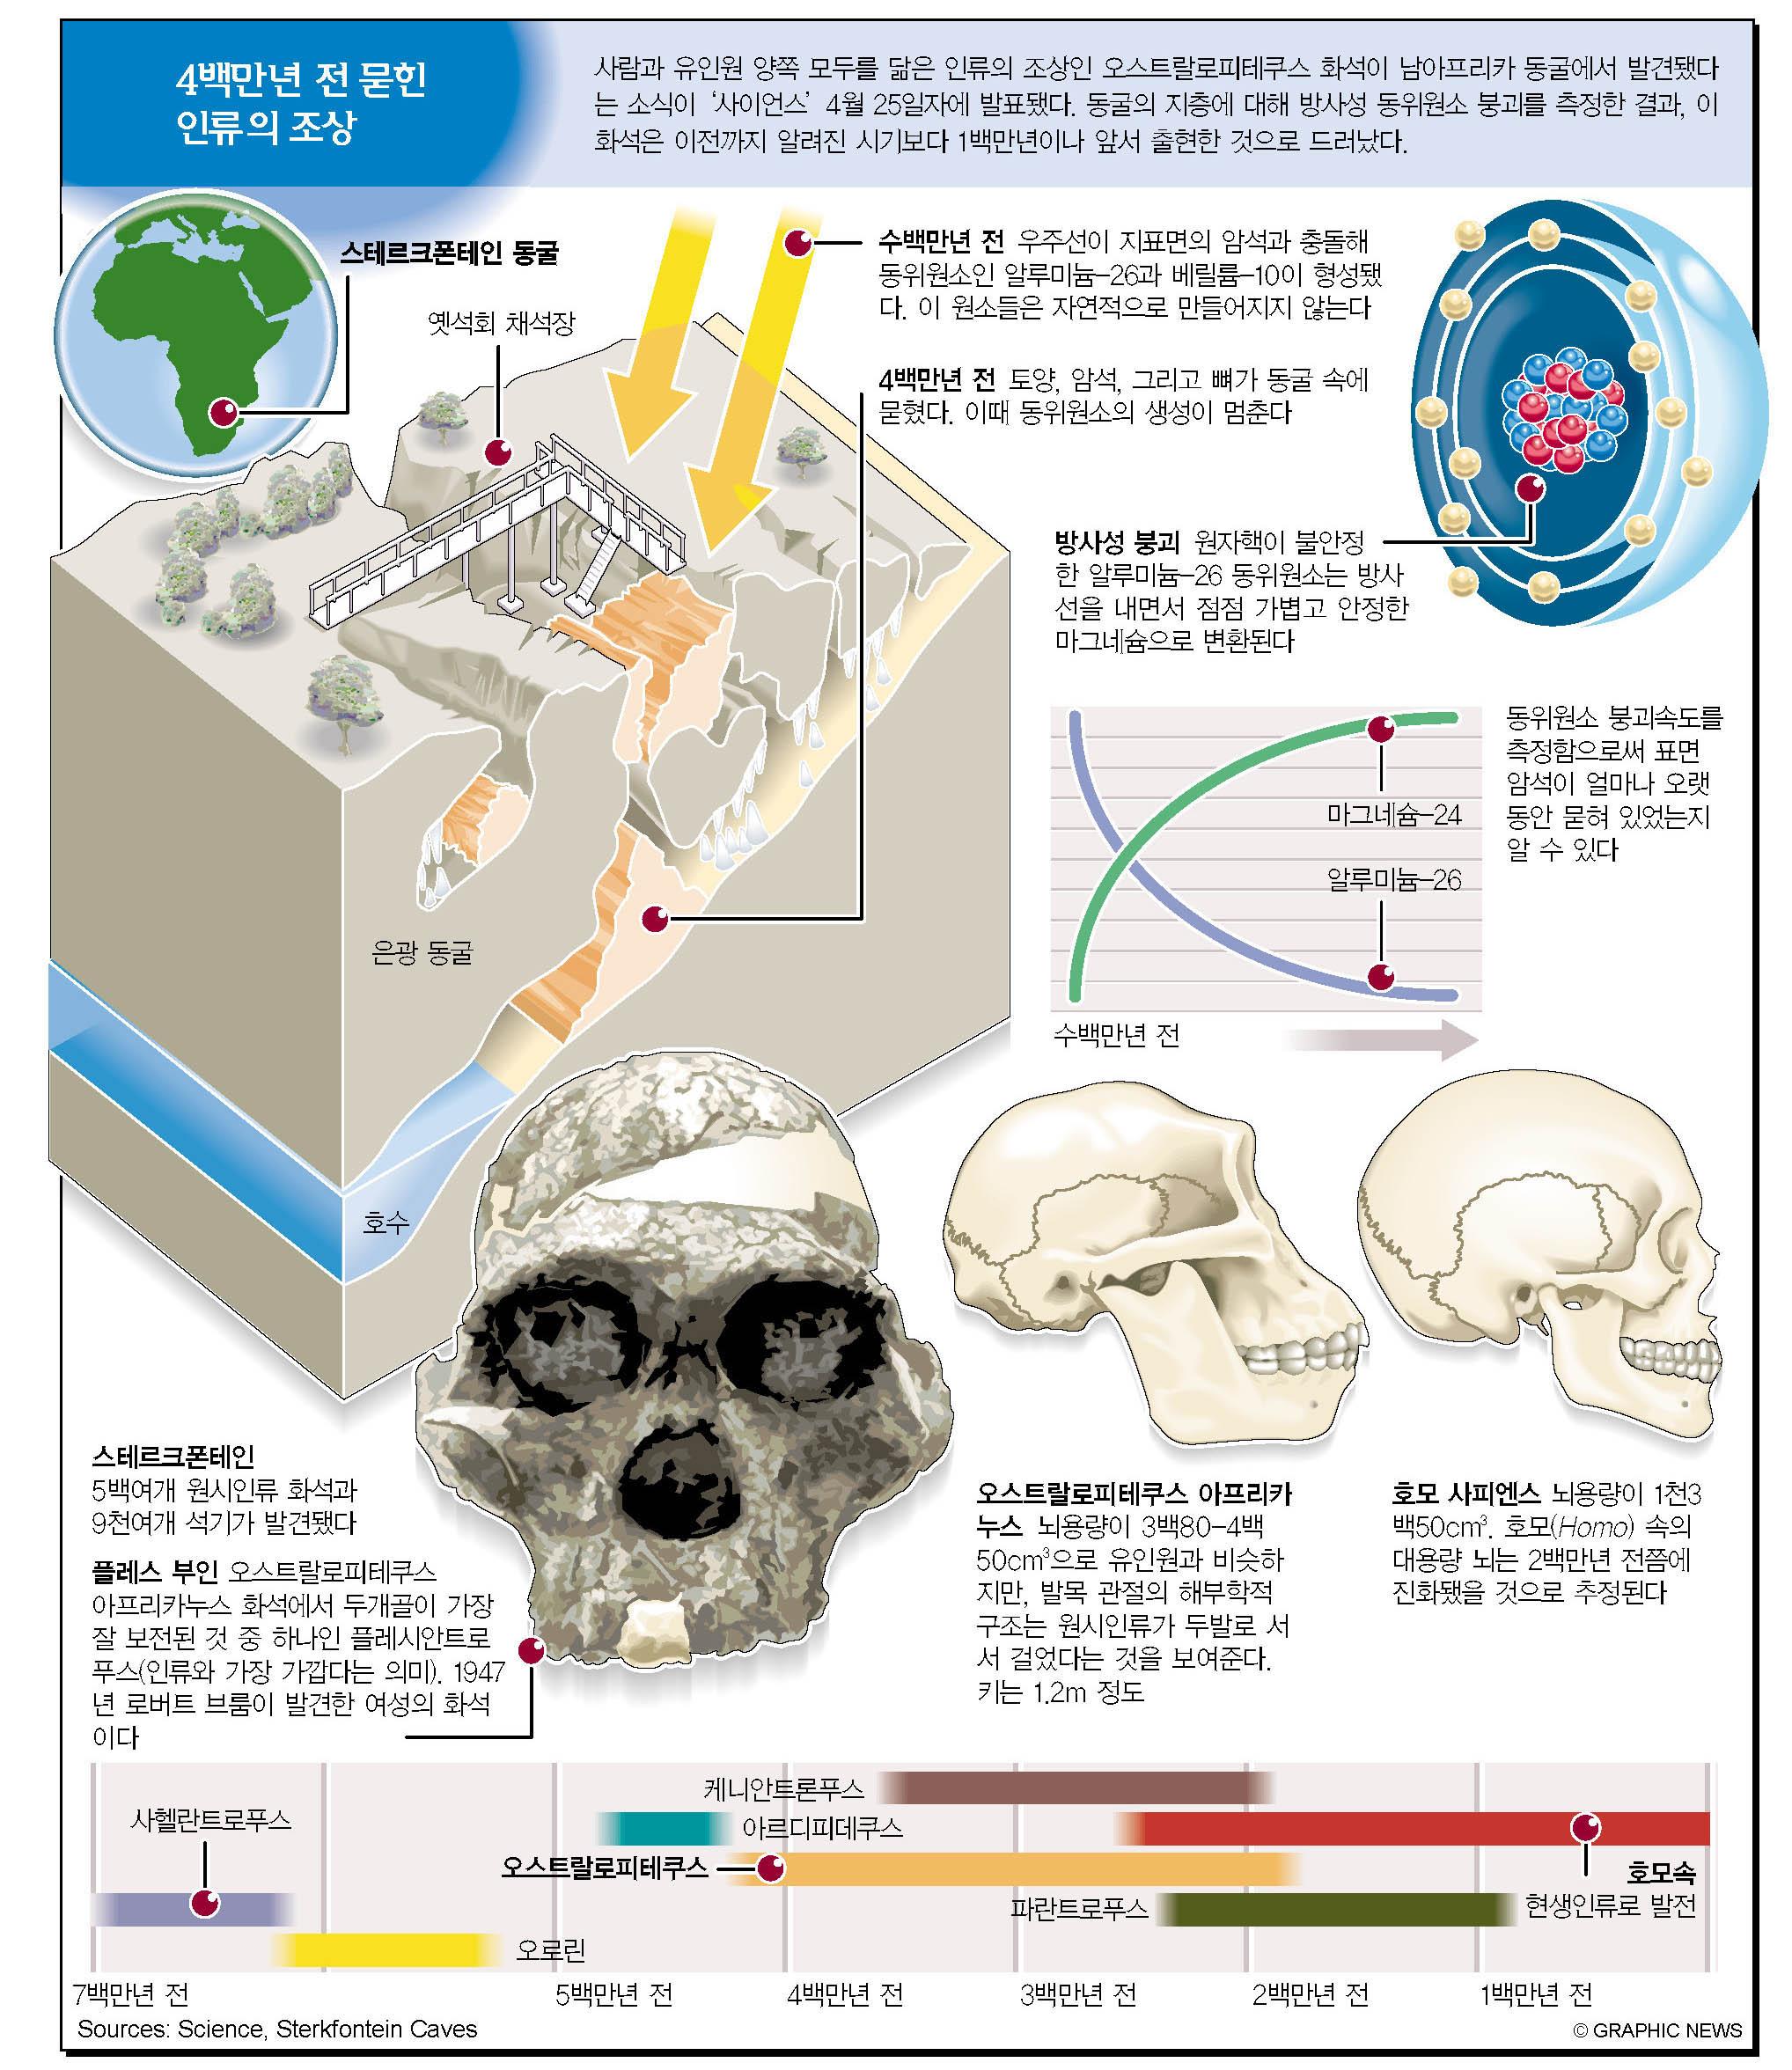 4백만년 전 묻힌 인류의 조상